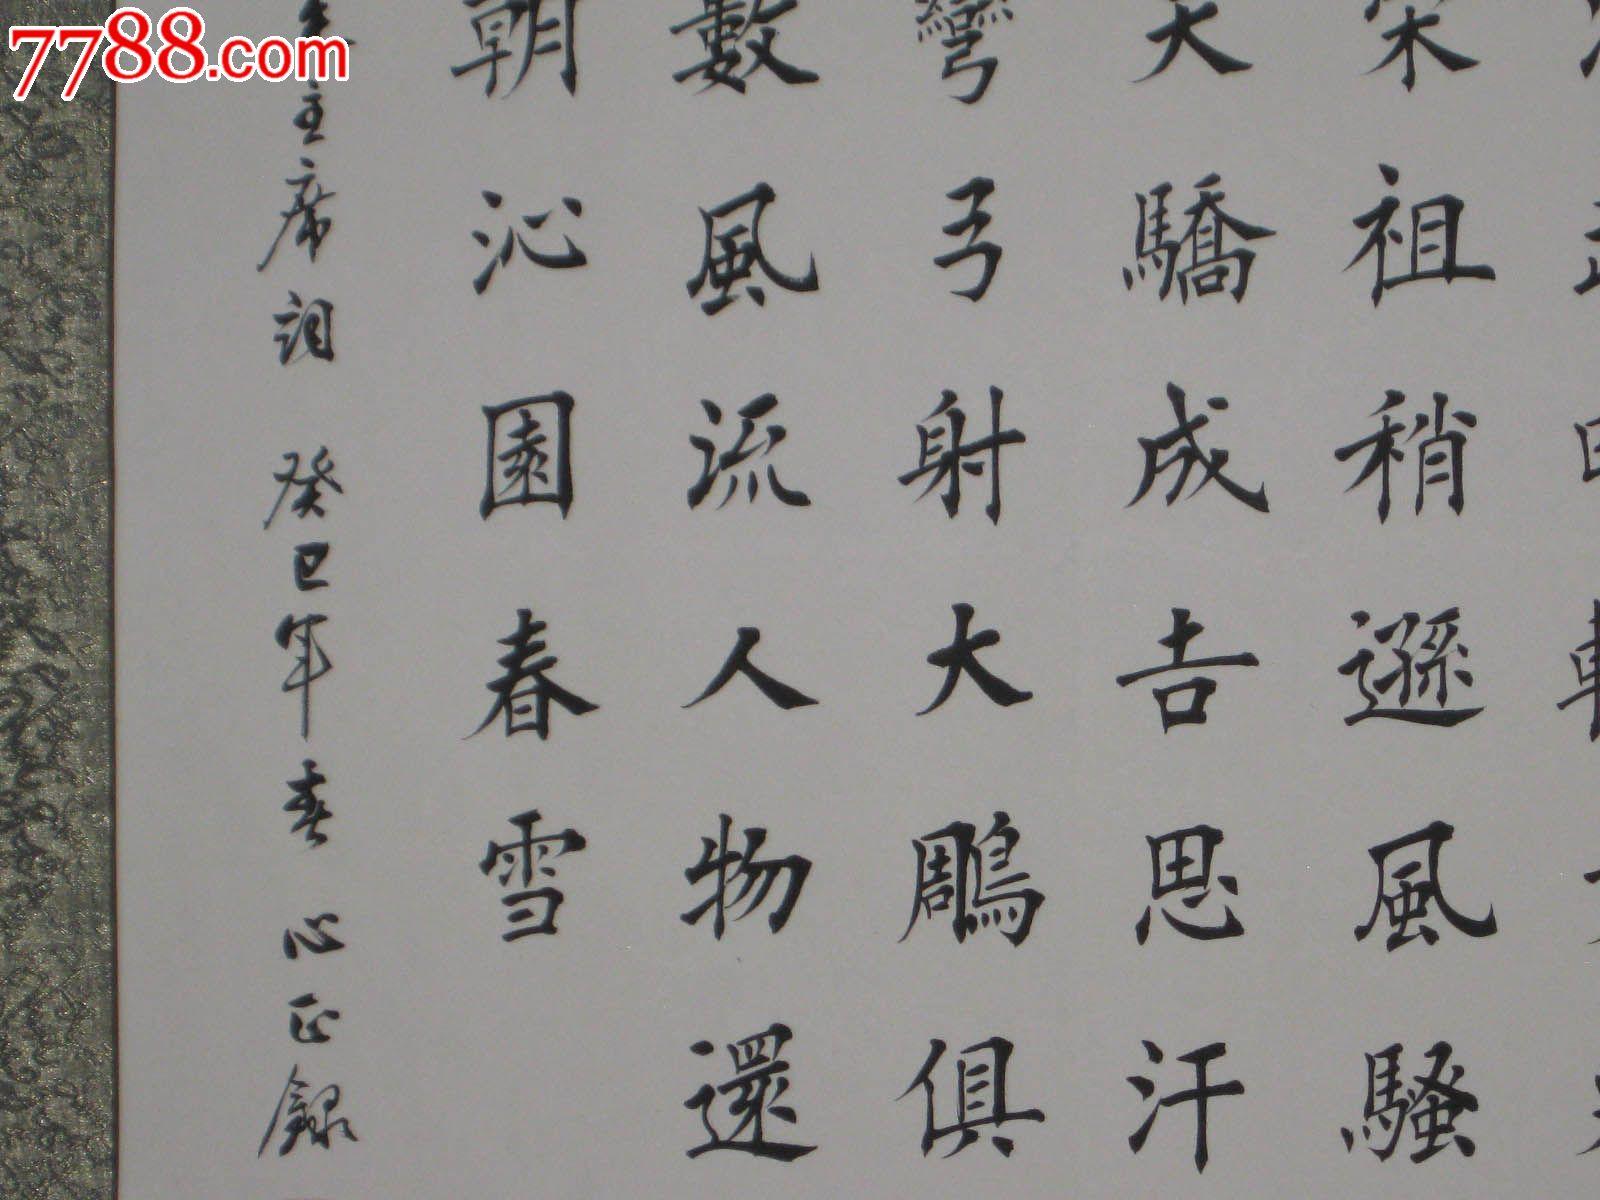 毛主席词 沁园春雪 楷书作品